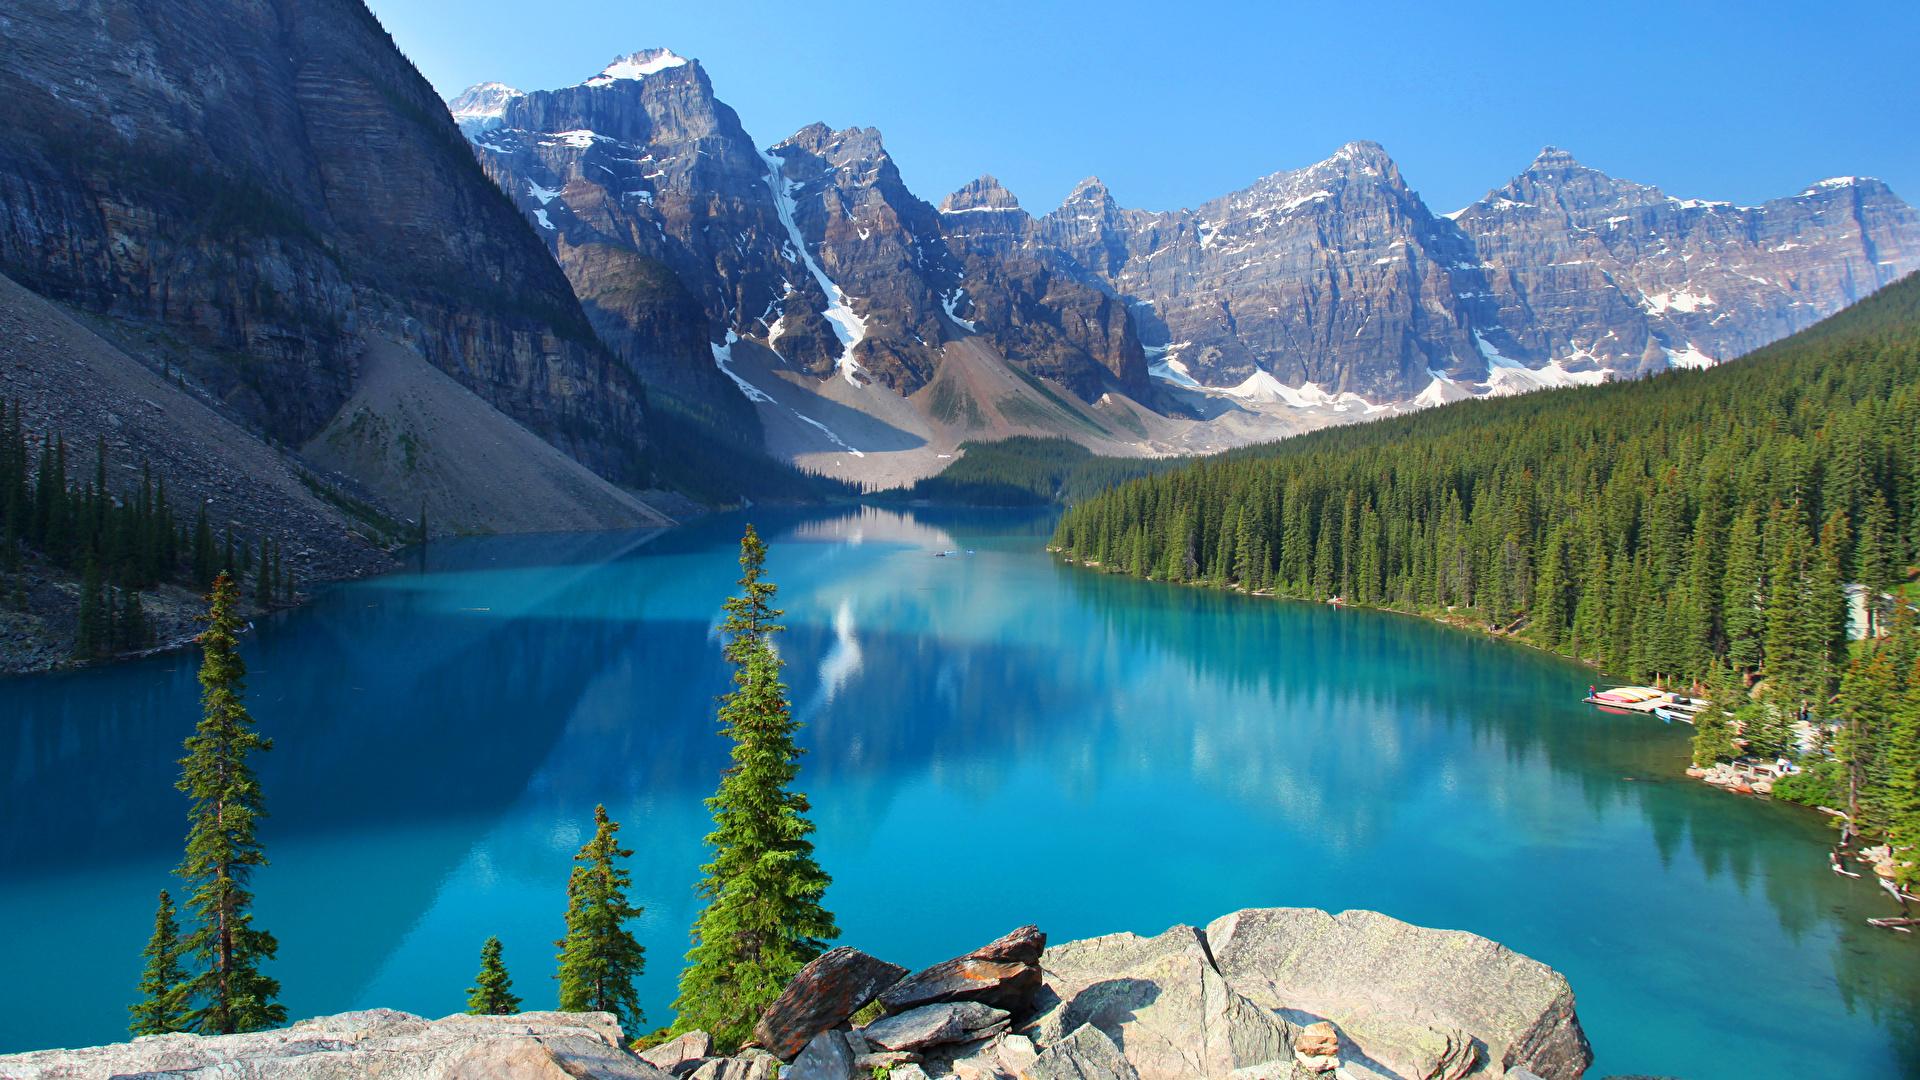 Fonds d'ecran 1920x1080 Canada Parc Montagnes Lac Forêts Photographie de paysage Banff Picea ...